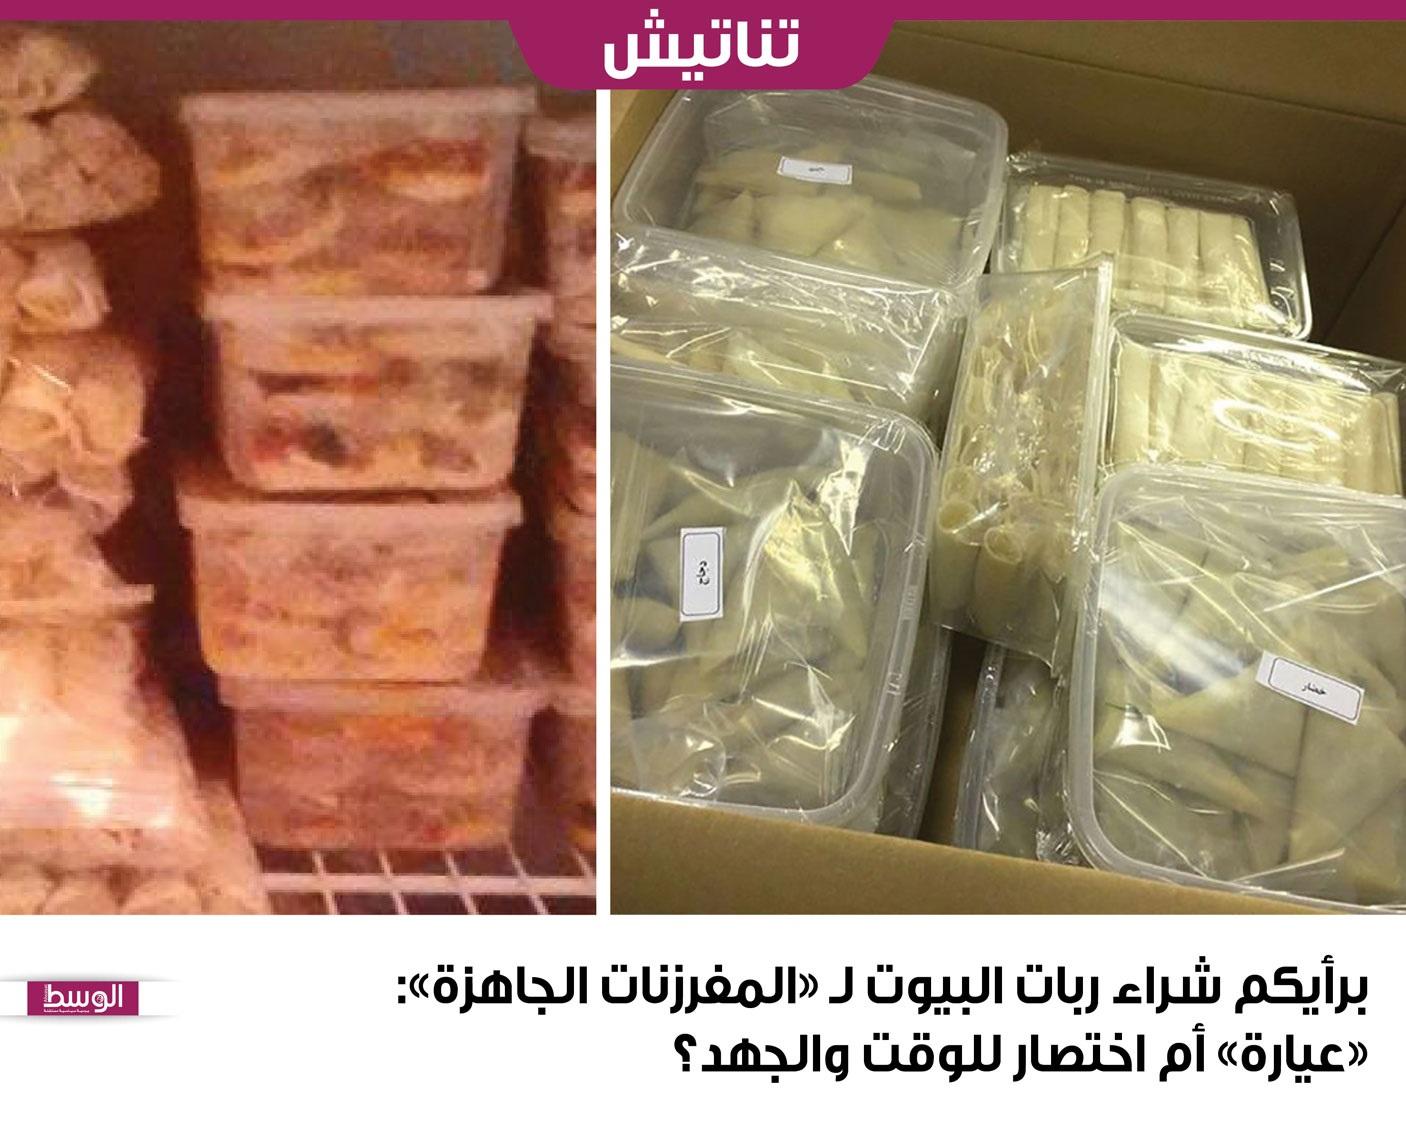 برأيكم شراء ربات البيوت لـ المفرزنات الجاهزة عيارة أم اختصار للوقت والجهد منوعات صحيفة الوسط البحرينية مملكة البحرين